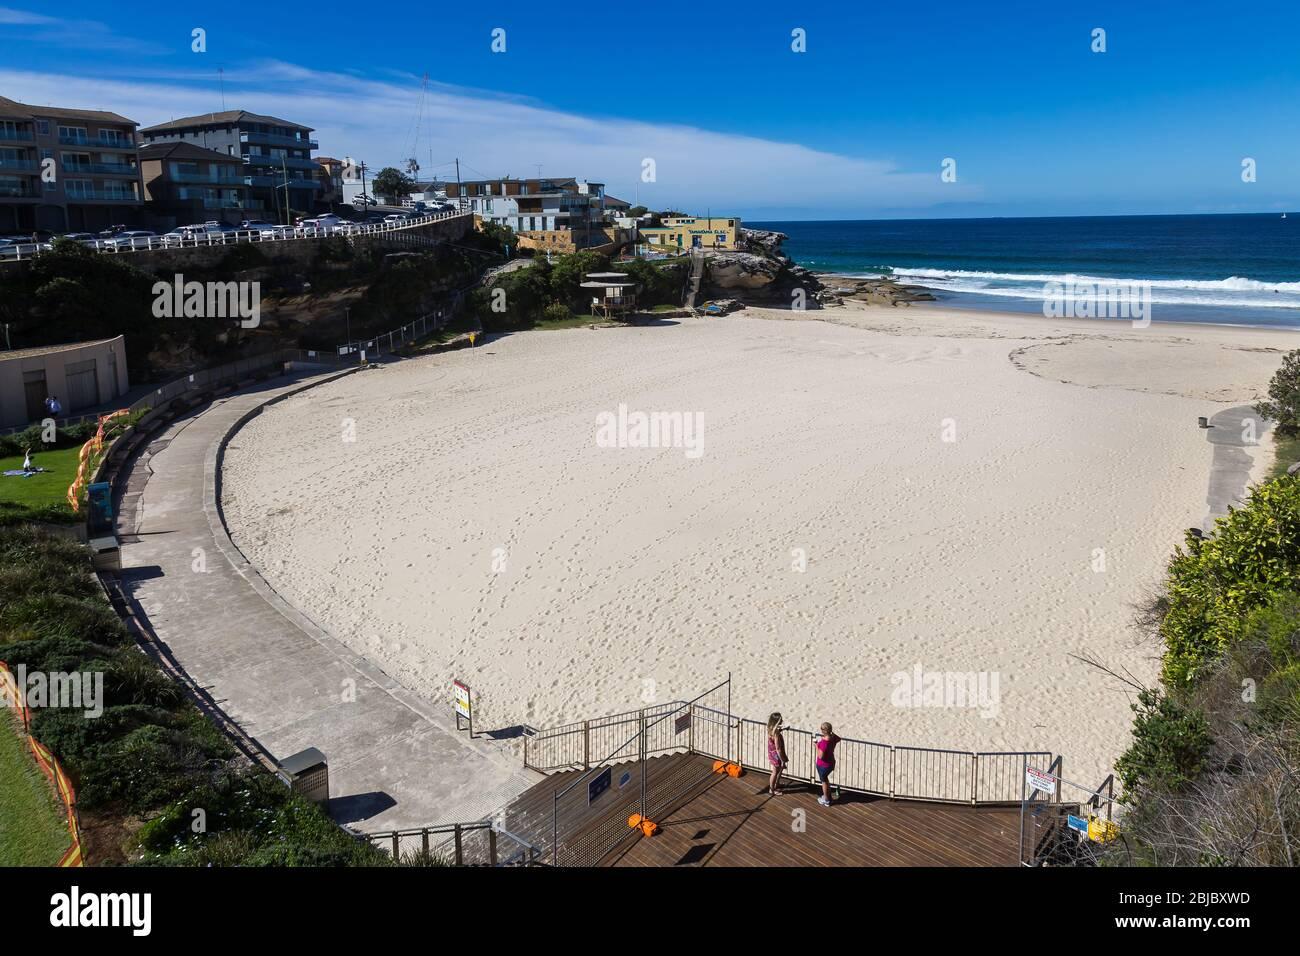 Sídney, Australia. Sábado 18 de abril de 2020.la playa de Tamarama en los suburbios del este de Sydney cerró debido a la pandemia del Coronavirus. Desde ayer Tamarama Foto de stock